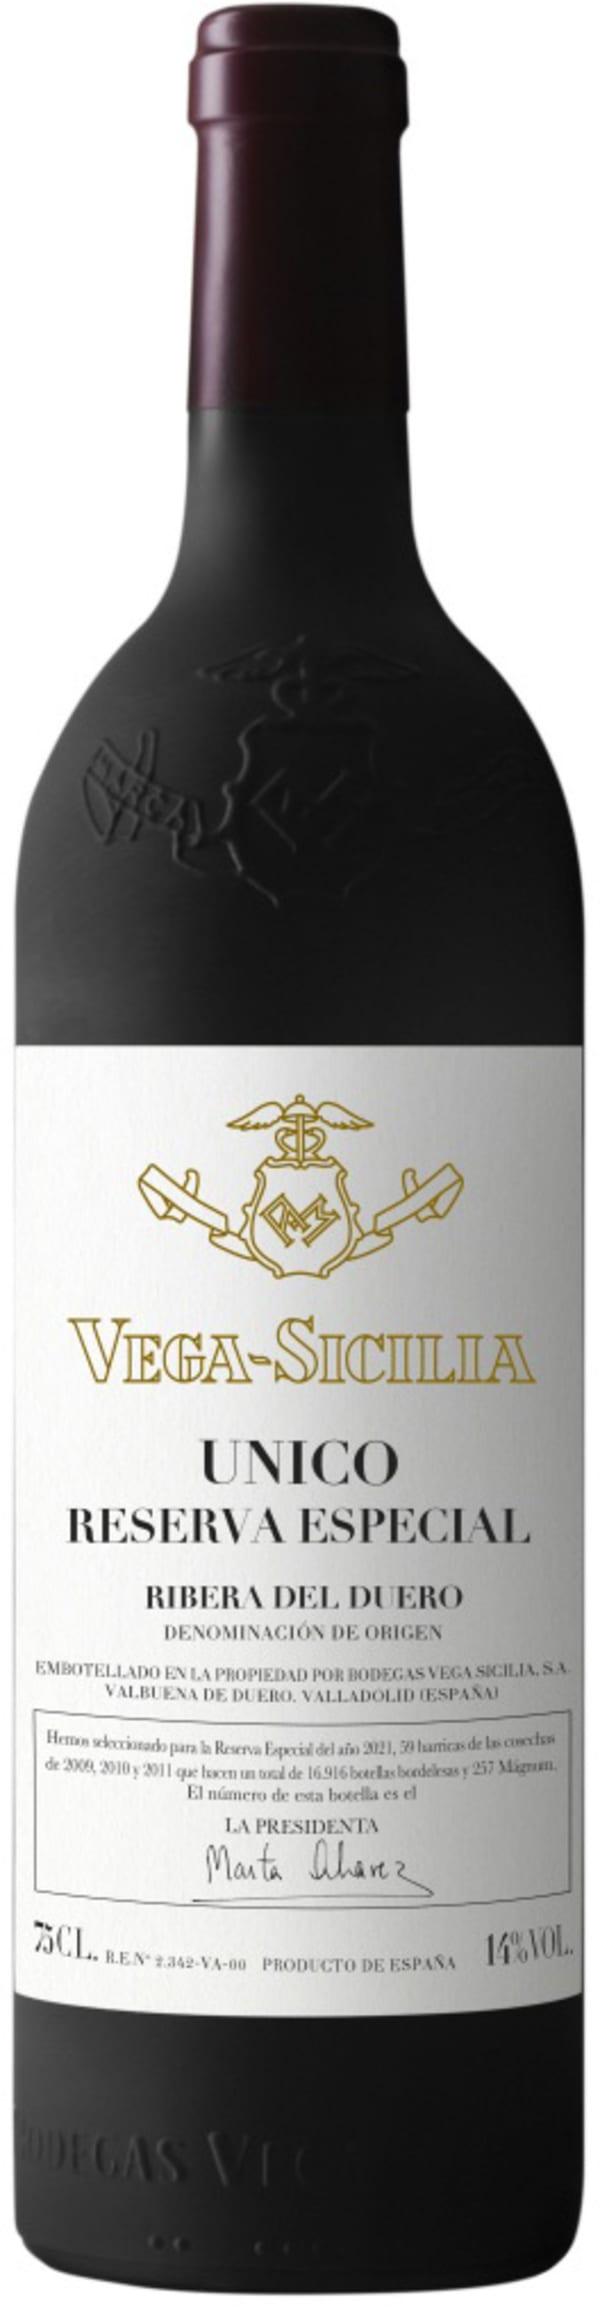 Vega-Sicilia Unico Reserva Especial del año 2021 Magnum